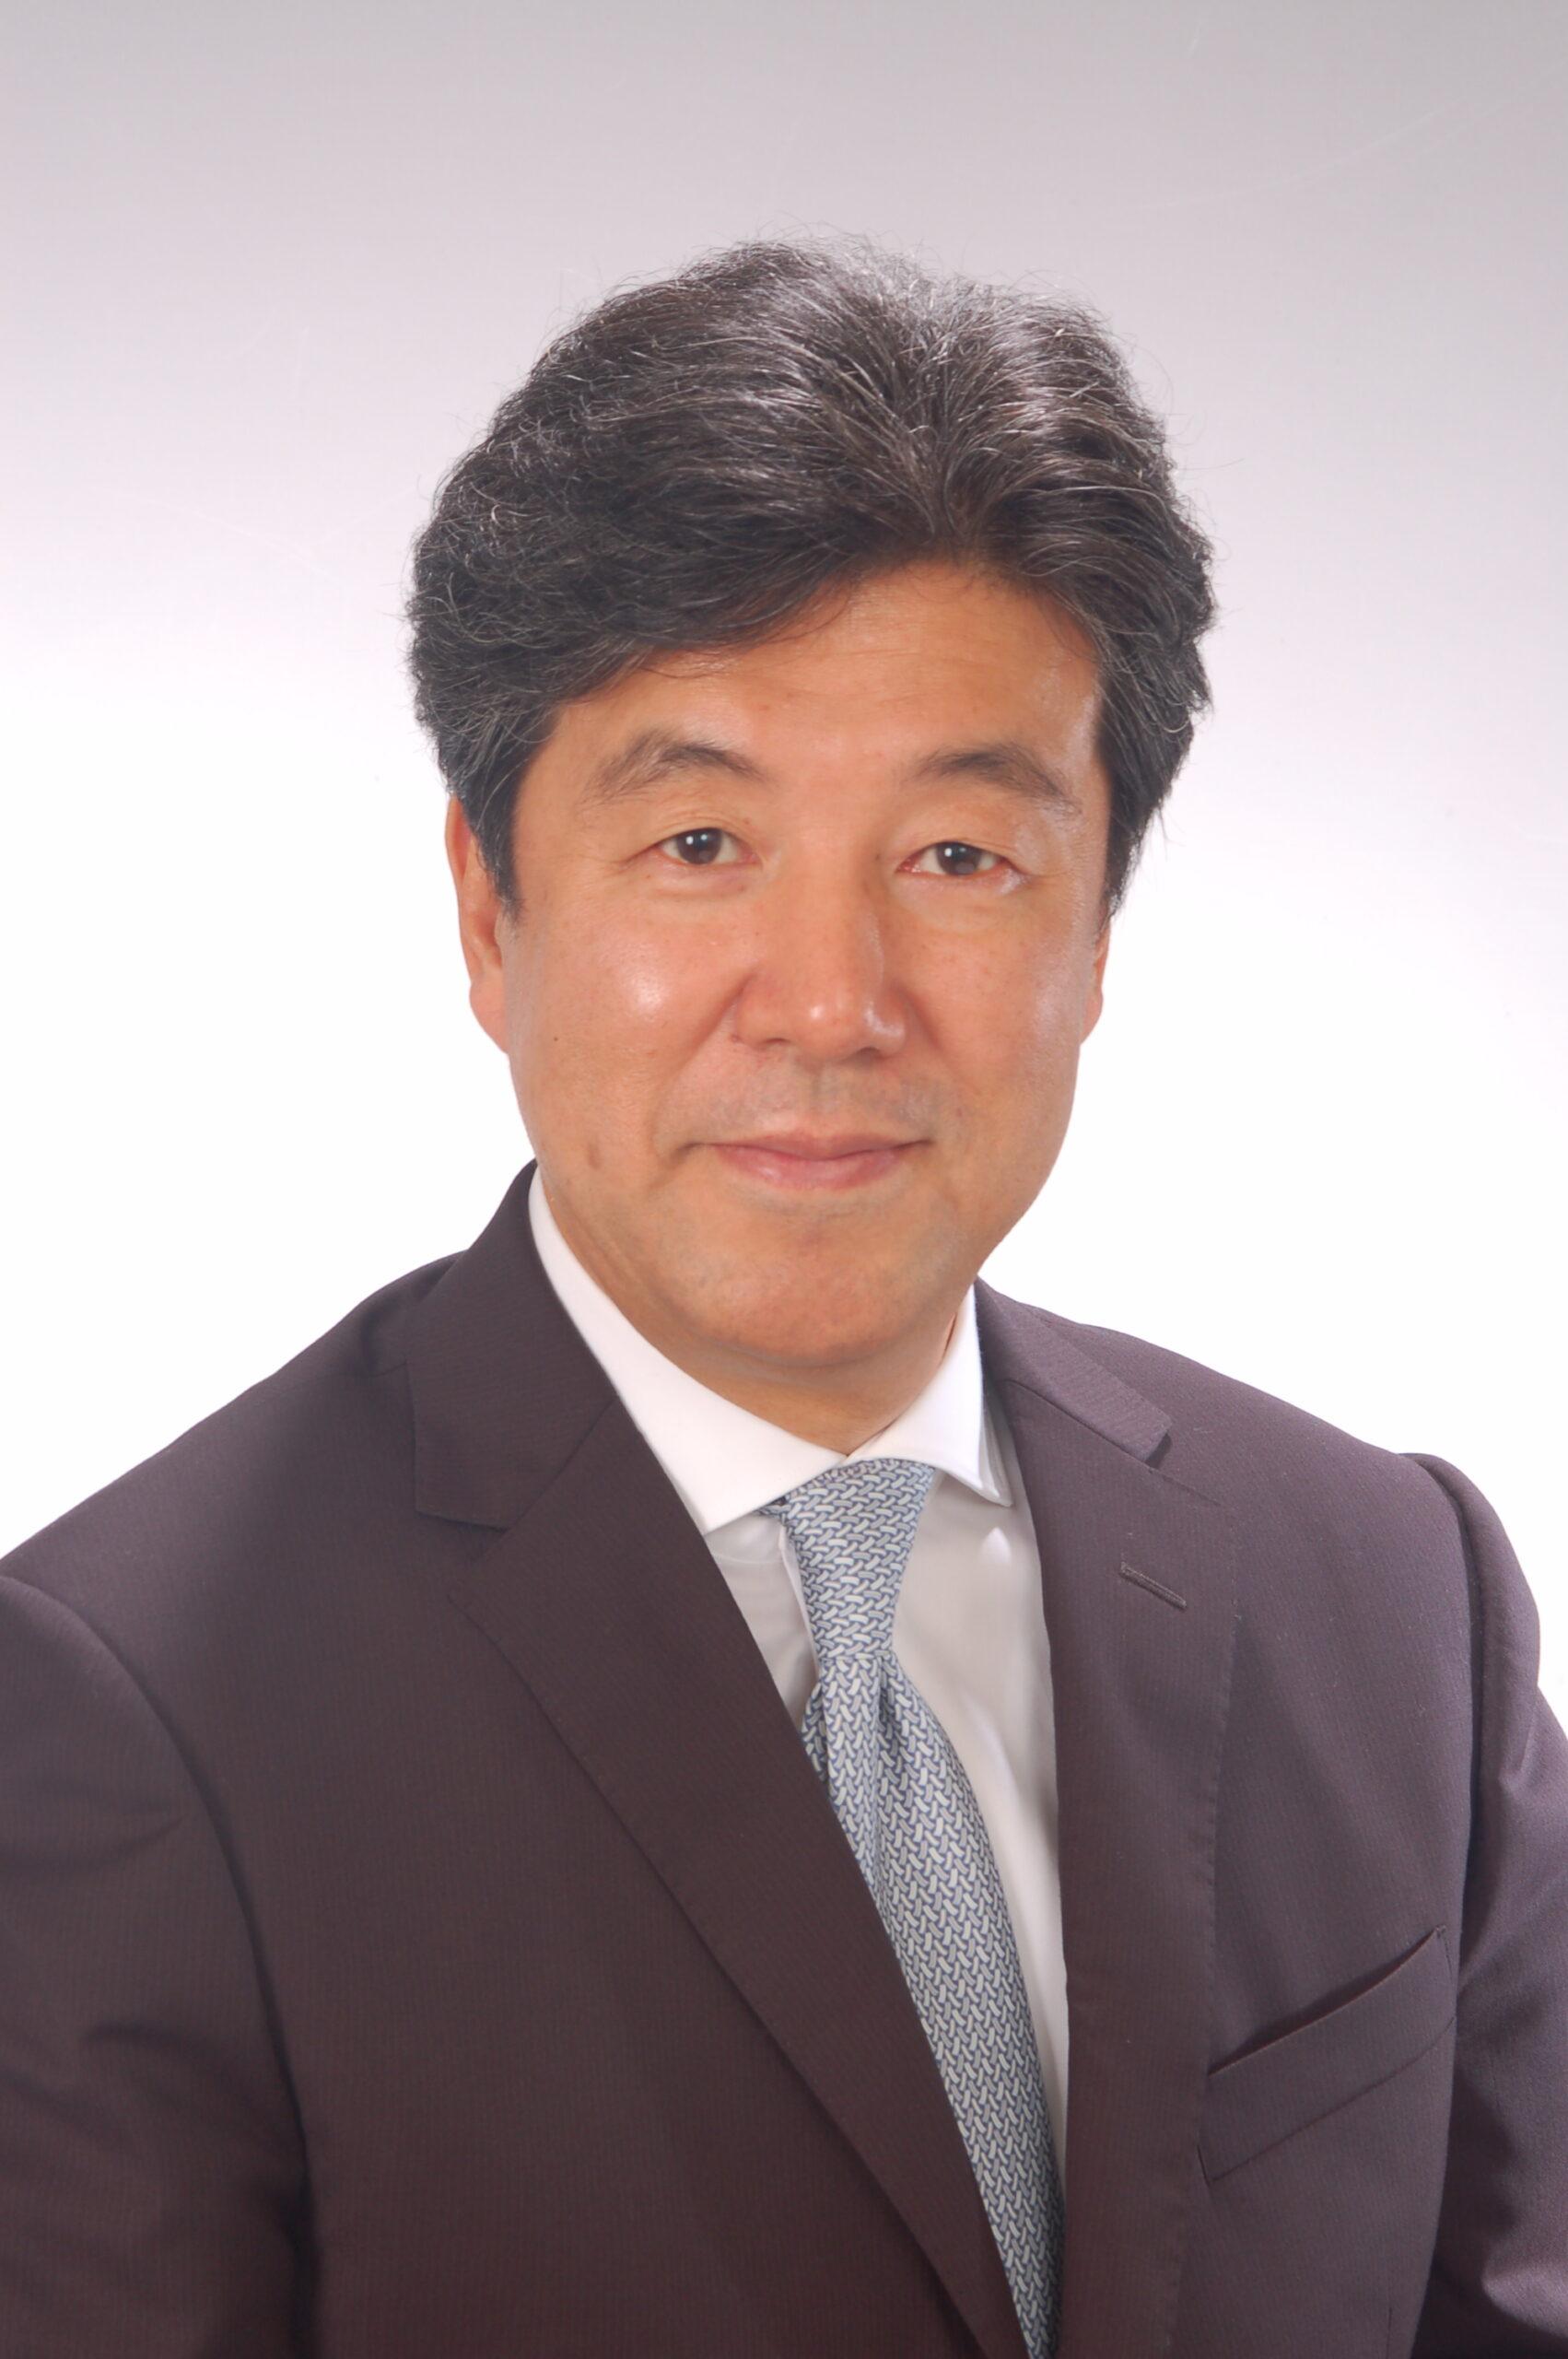 経済回復とともに不動産市場も正常化―不透明感続くオフィス市場の動向に注視を― 大竹グローバルキャピタルLLC 代表取締役 大竹正史